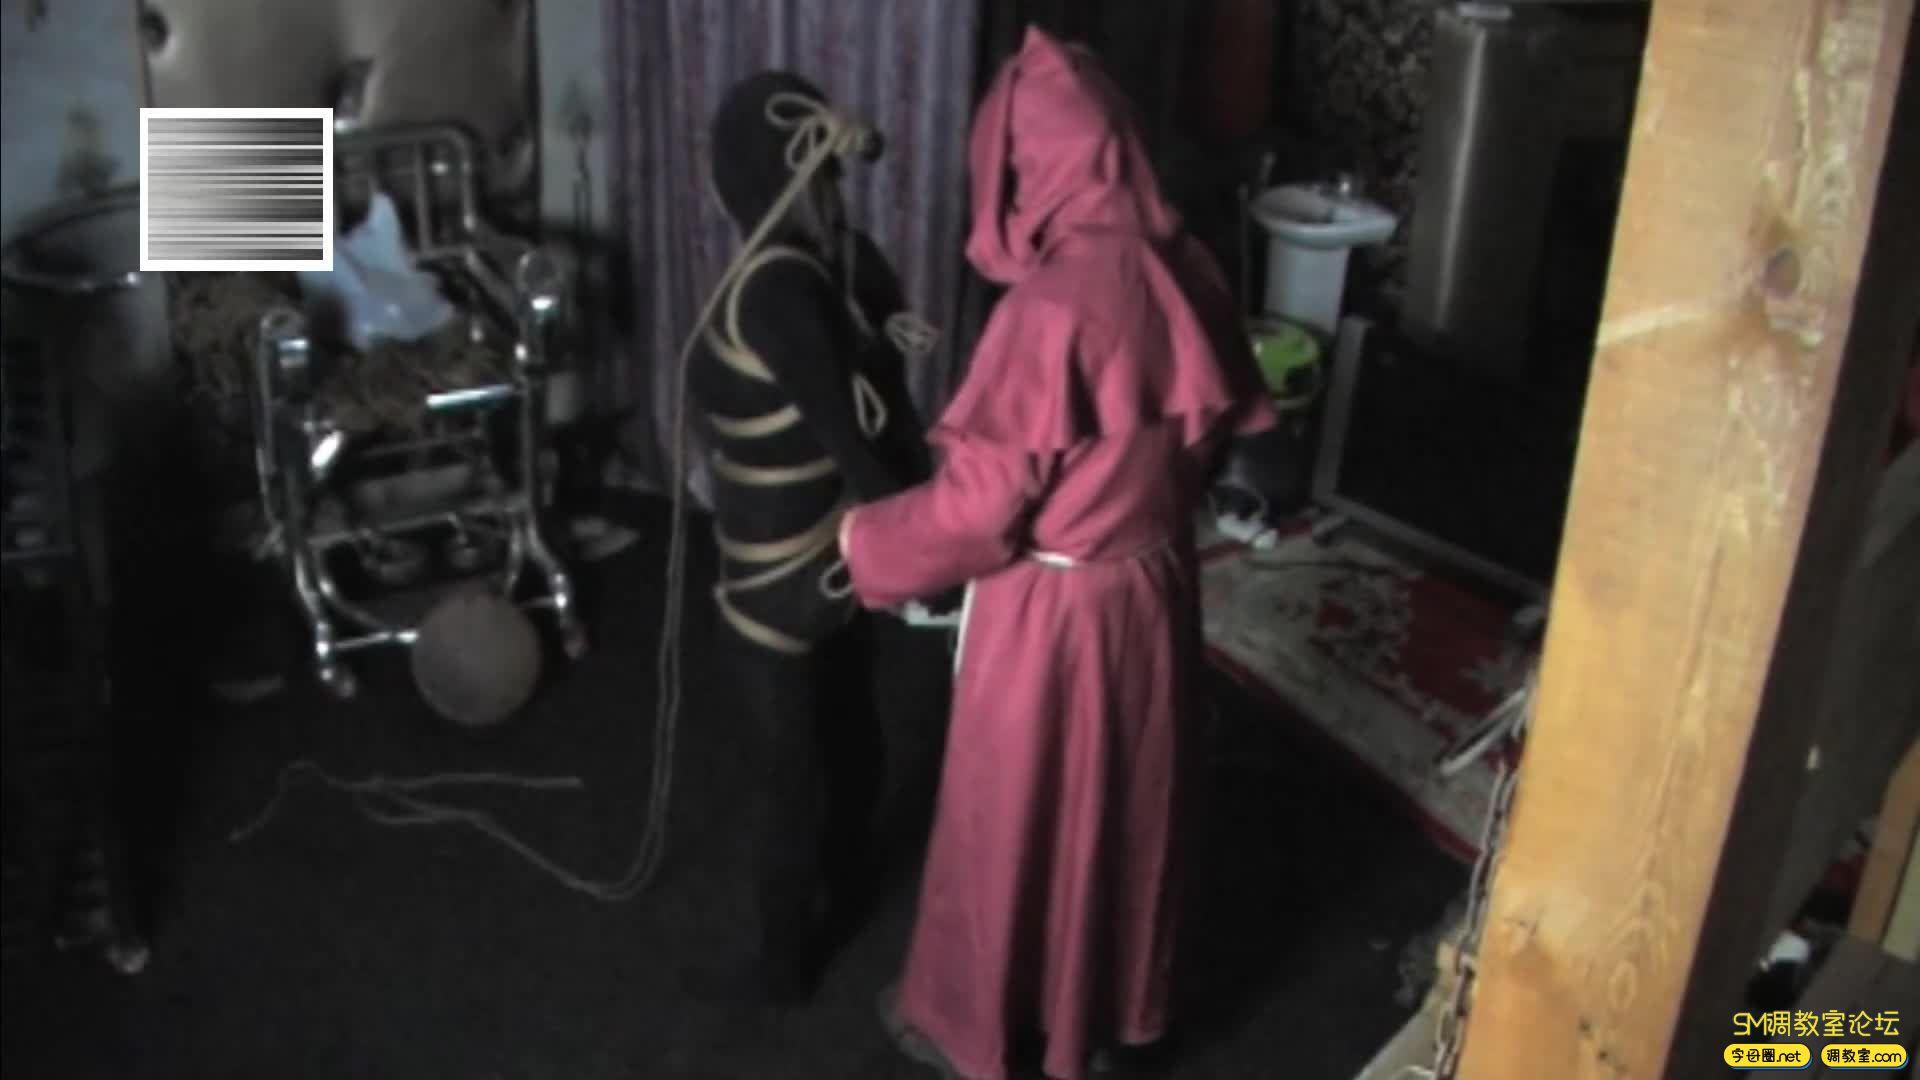 禅狱工作室_D乳黑衣女吊缚鞭打-视频截图4